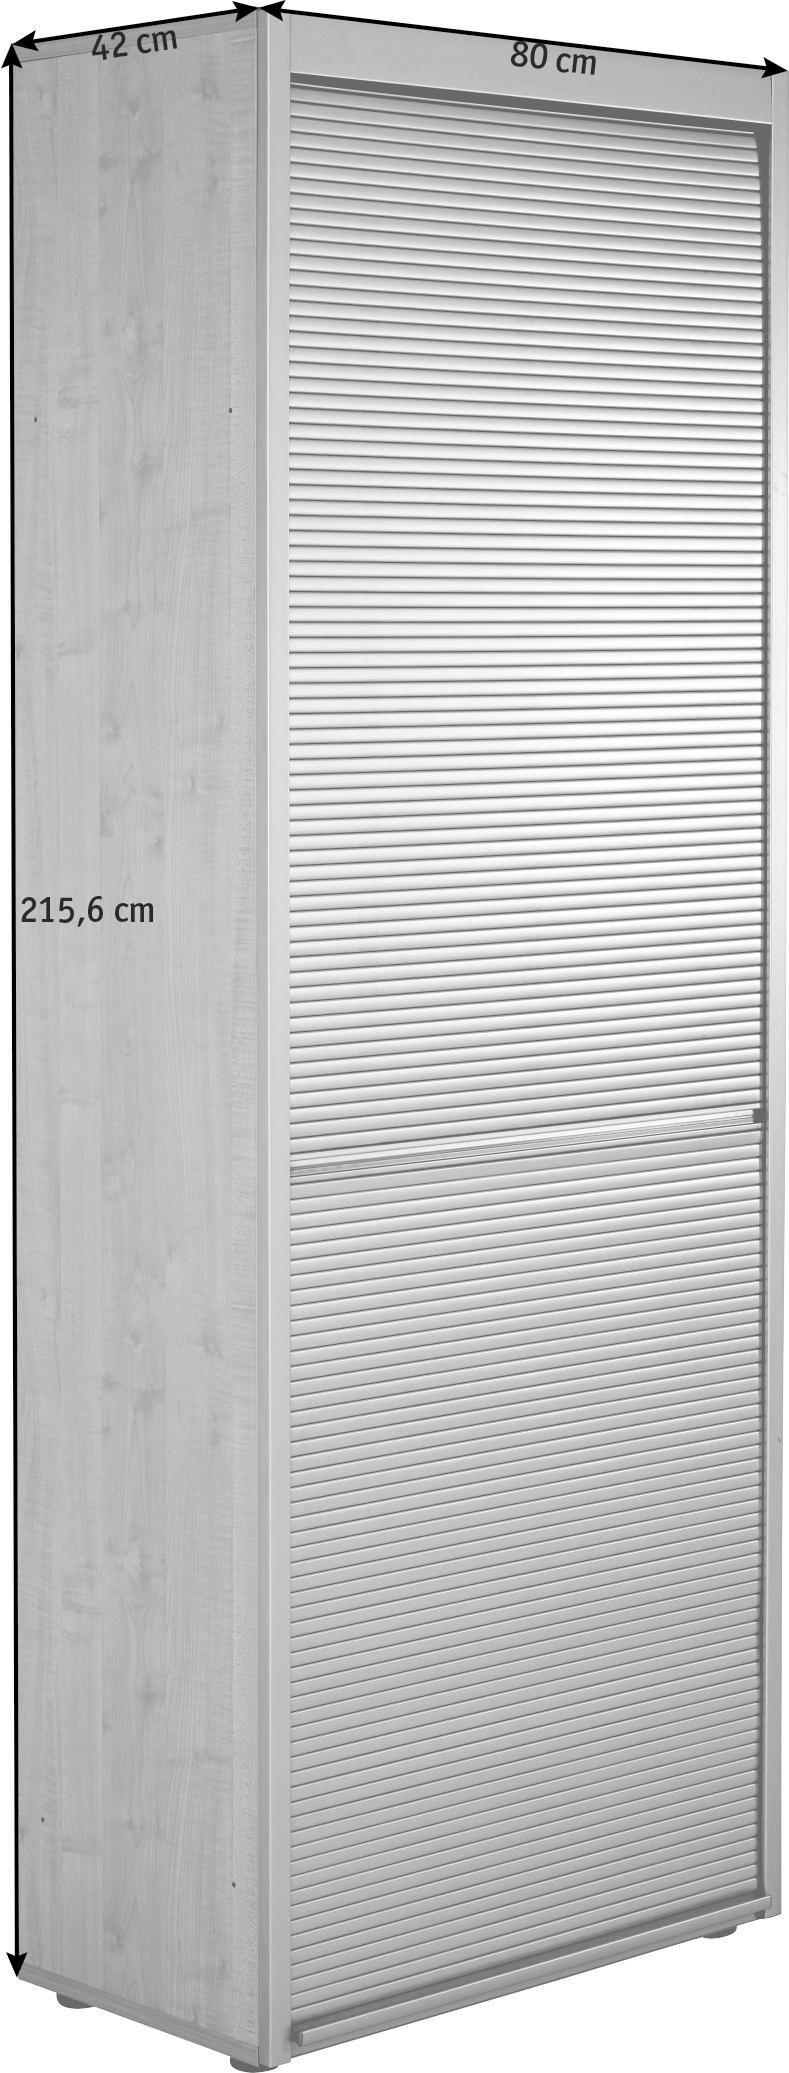 ROLLOSCHRANK Buchefarben, Silberfarben - Buchefarben/Silberfarben, KONVENTIONELL, Holzwerkstoff/Kunststoff (80/215,6/42cm)